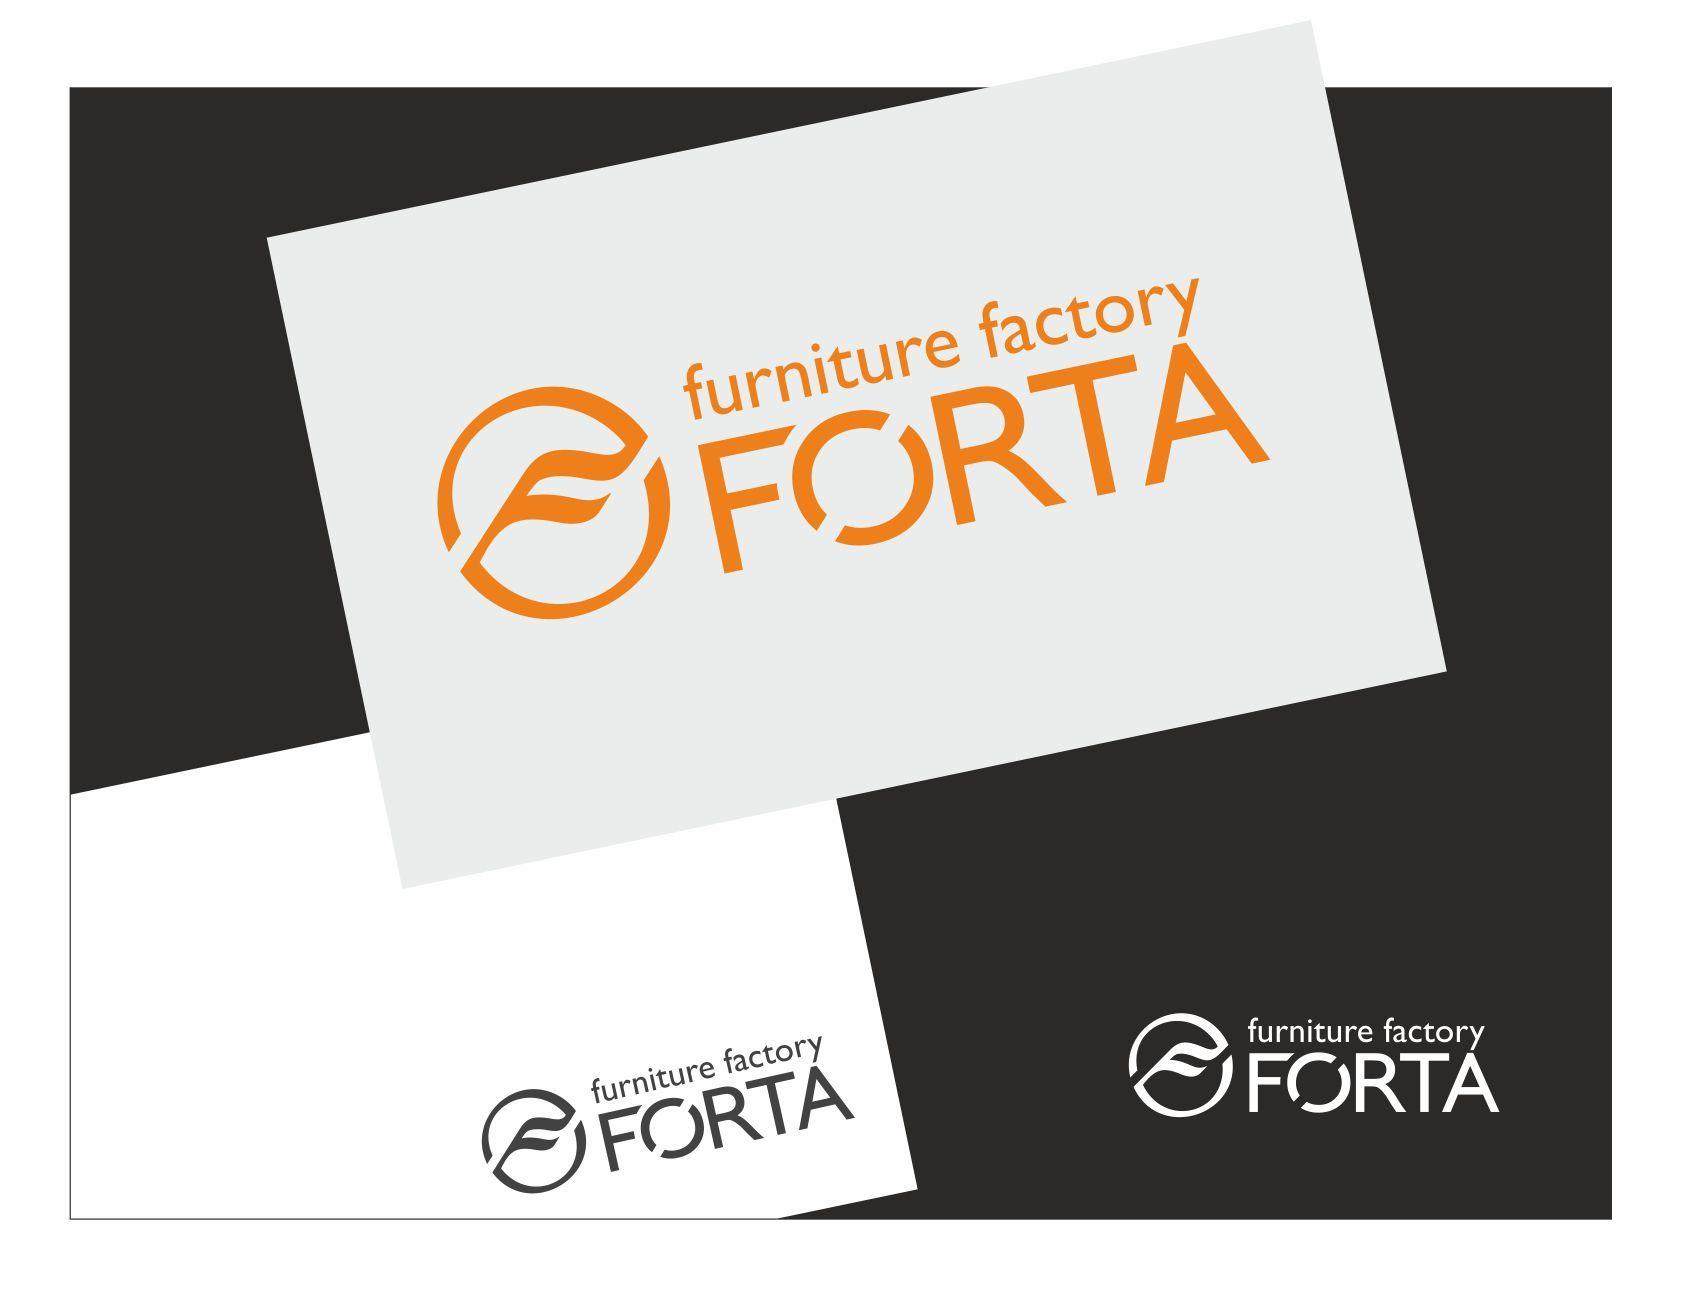 Логотип и фирменный стиль для мебельной компании . - дизайнер Mishyra